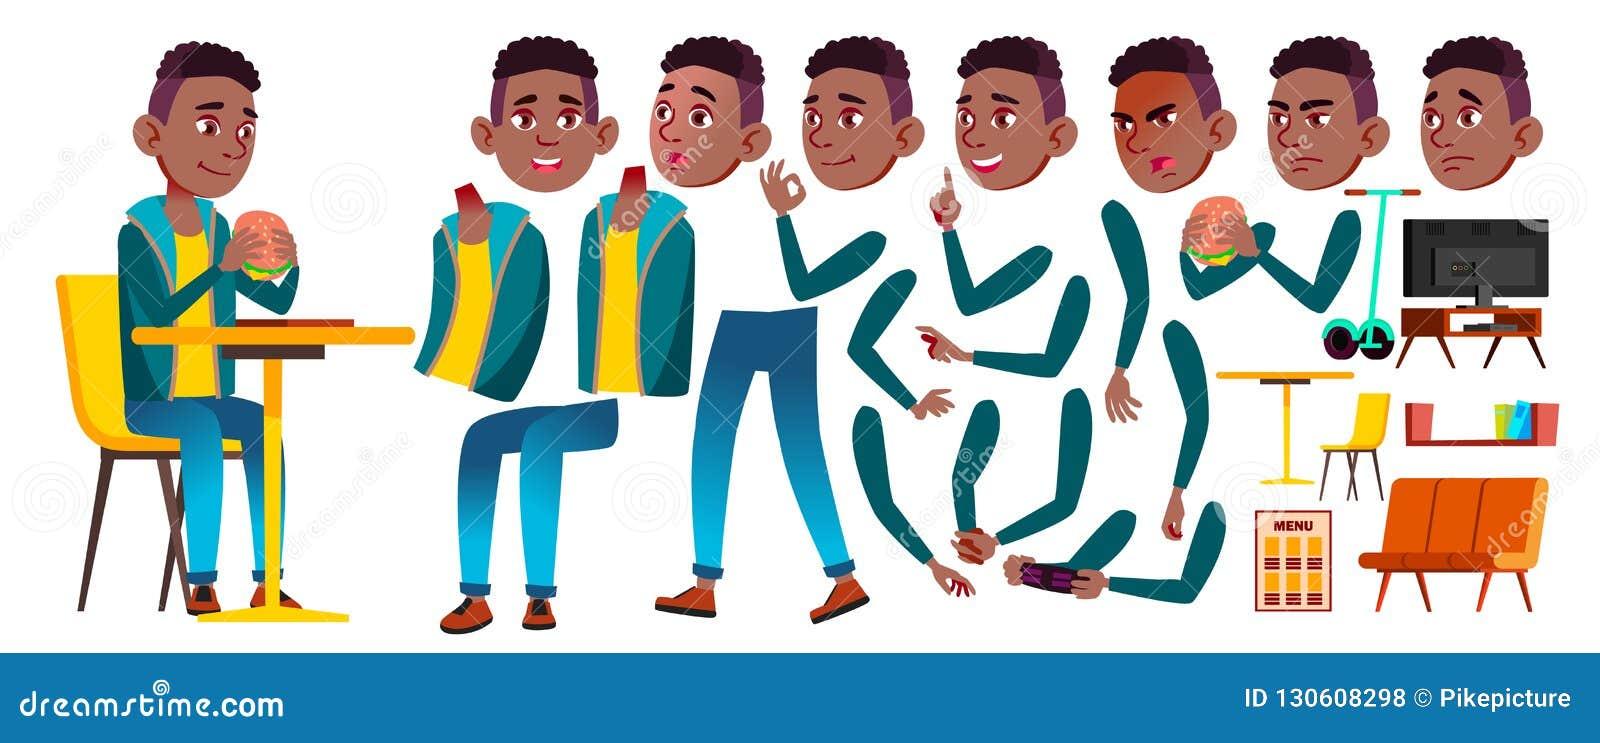 男孩男小学生孩子传染媒介 投反对票 美国黑人 高中孩子 动画创作集合 面孔情感,姿态